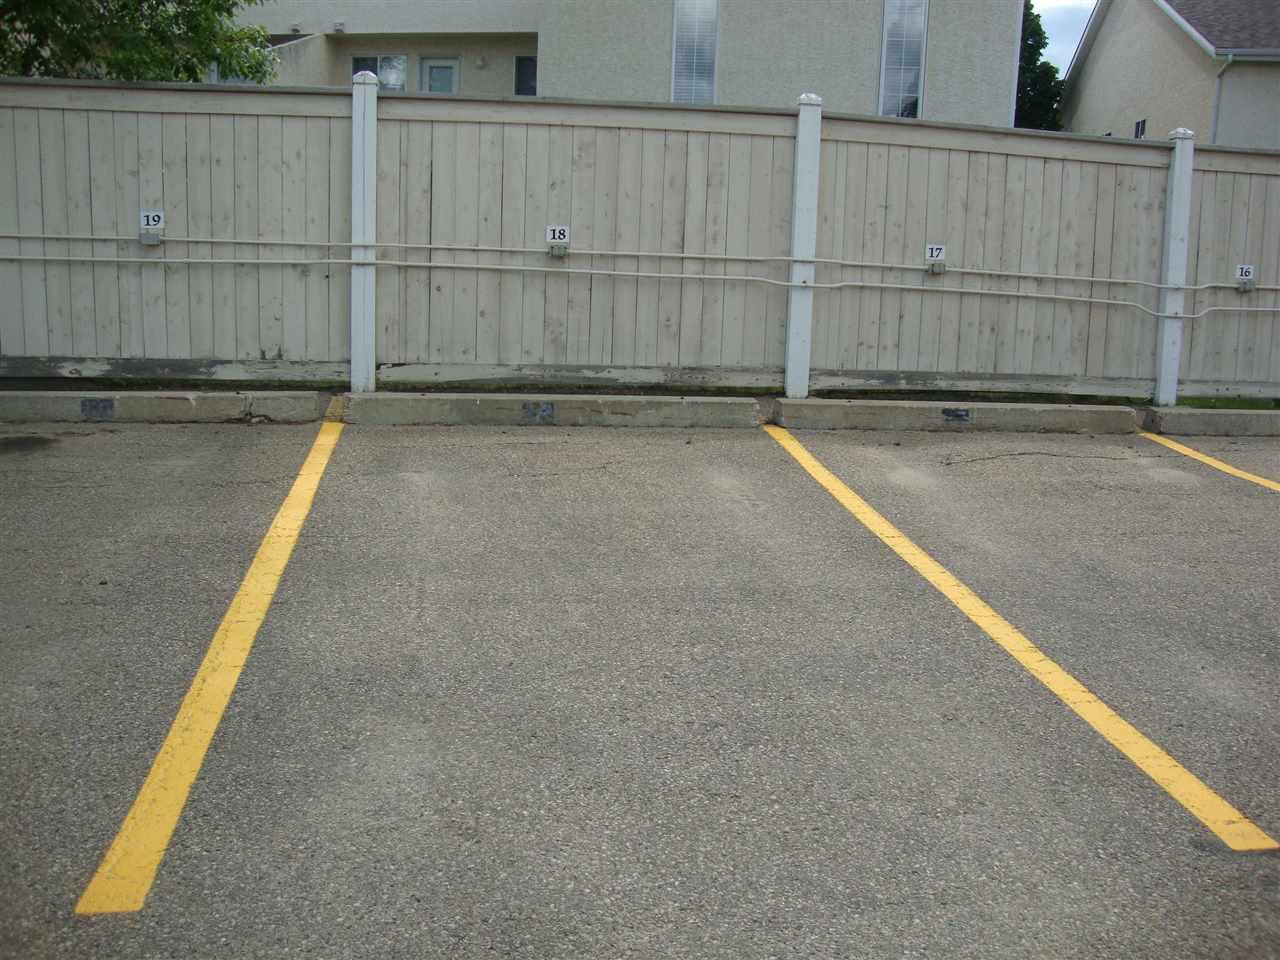 Photo 5: Photos: 306 11620 9A Avenue in Edmonton: Zone 16 Condo for sale : MLS®# E4164657